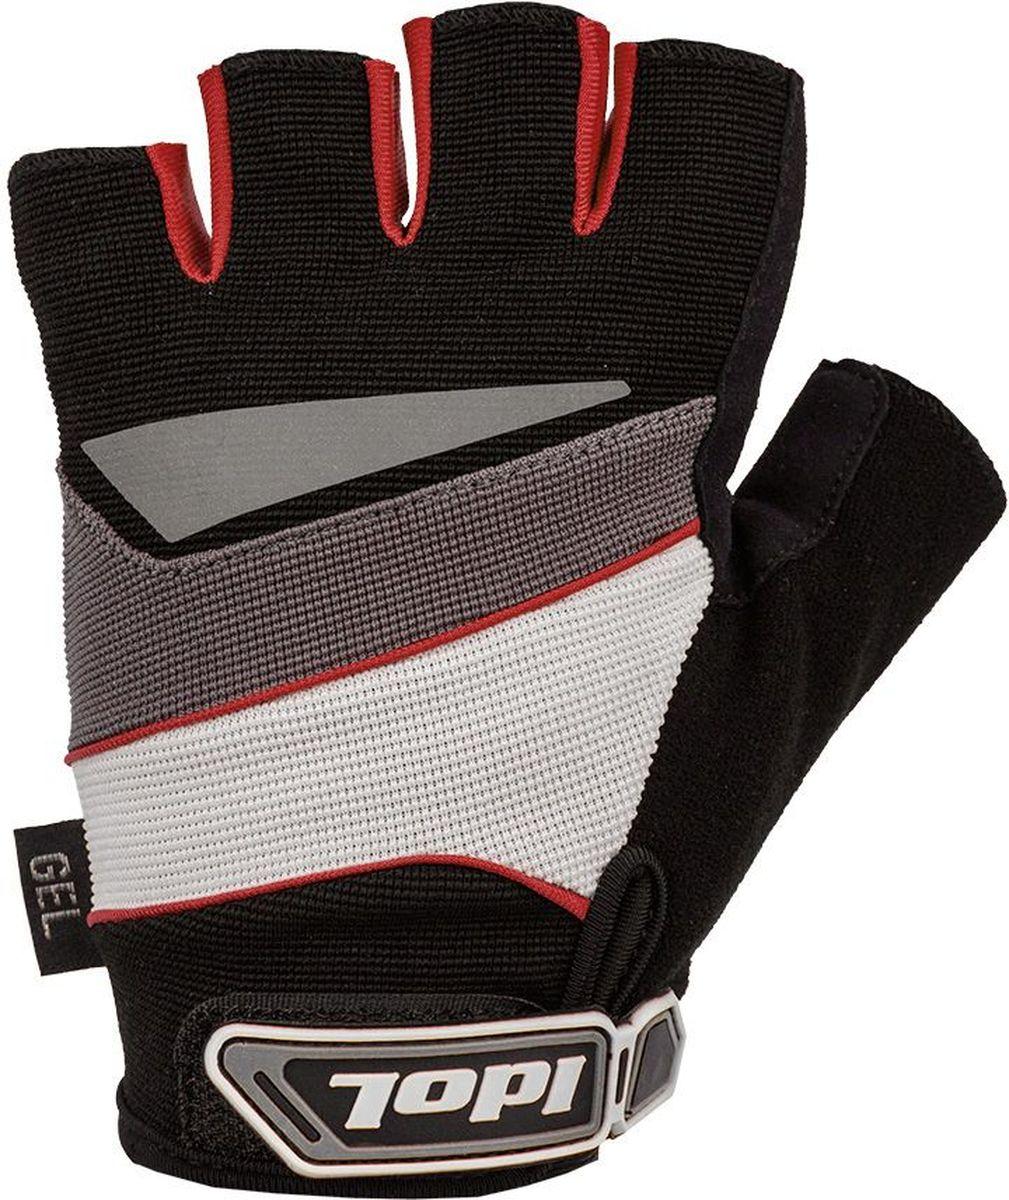 Перчатки велосипедные Idol Lech, цвет: черный, красный. Размер M